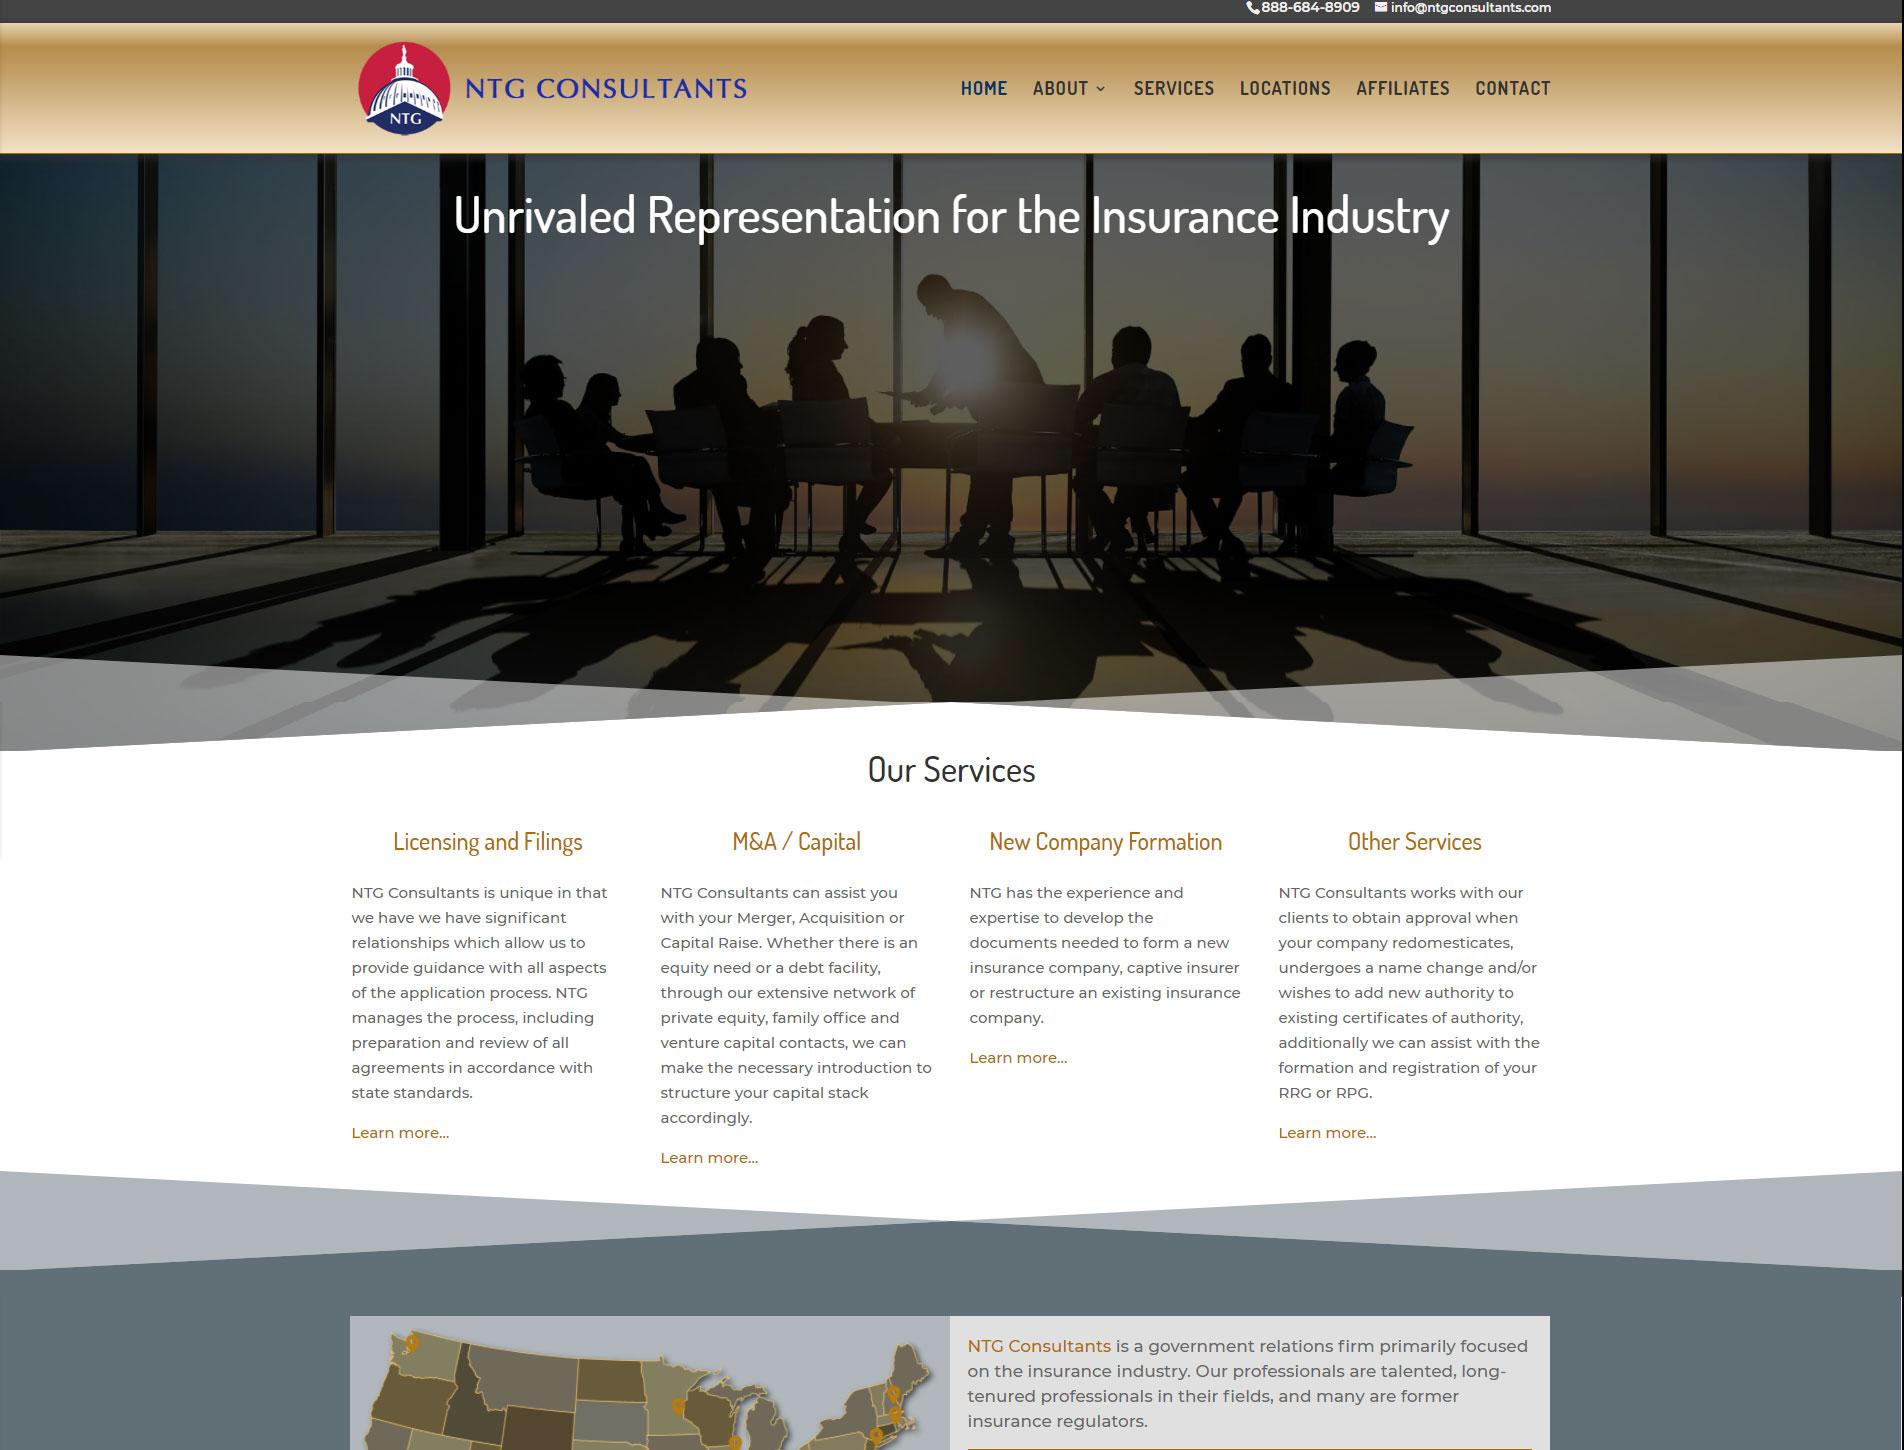 NTG Consultants Website